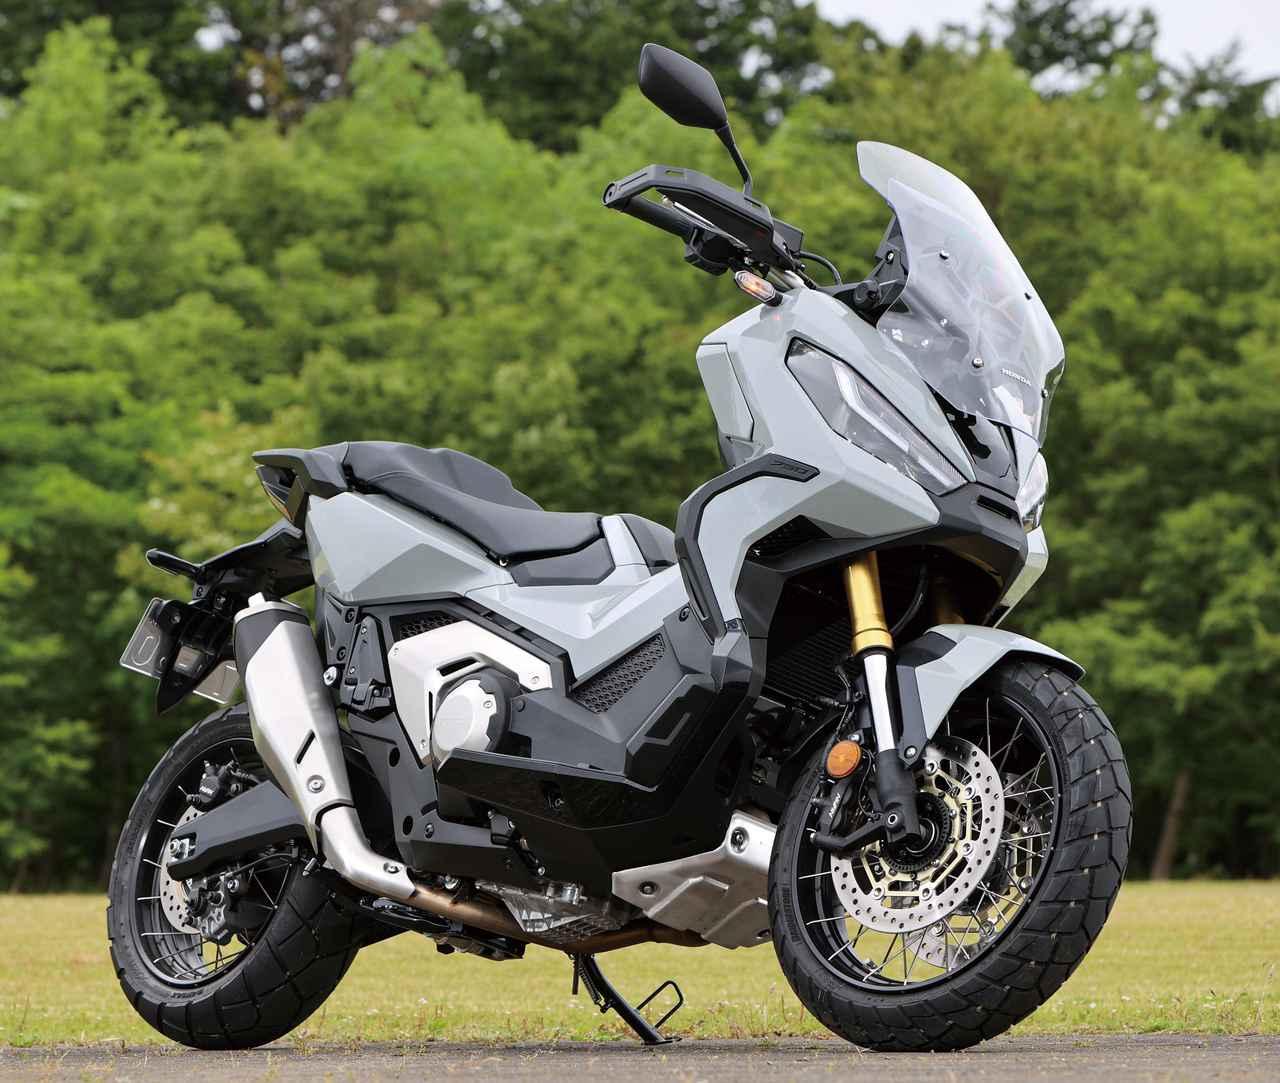 画像: Honda X-ADV 2021年モデル 総排気量:745cc エンジン形式:水冷4ストSOHC4バルブ並列2気筒 シート高:790mm 車両重量:236kg 発売日:2021年3月25日 税込価格:132万円